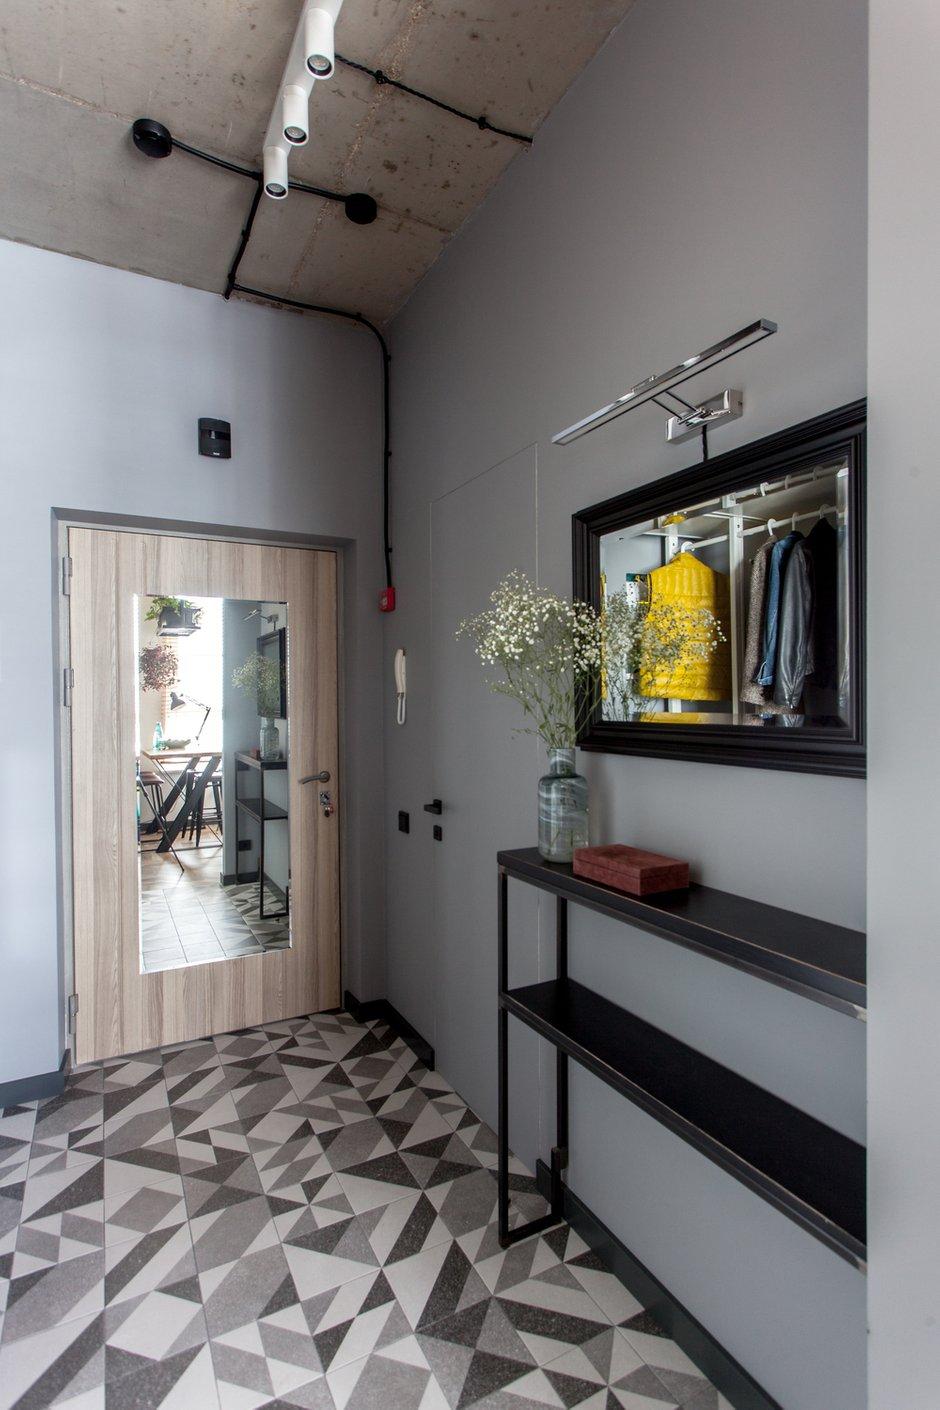 Фотография: Прихожая в стиле Лофт, Современный, Квартира, Проект недели, Москва, 1 комната, до 40 метров, 40-60 метров, MiR Buro – фото на INMYROOM